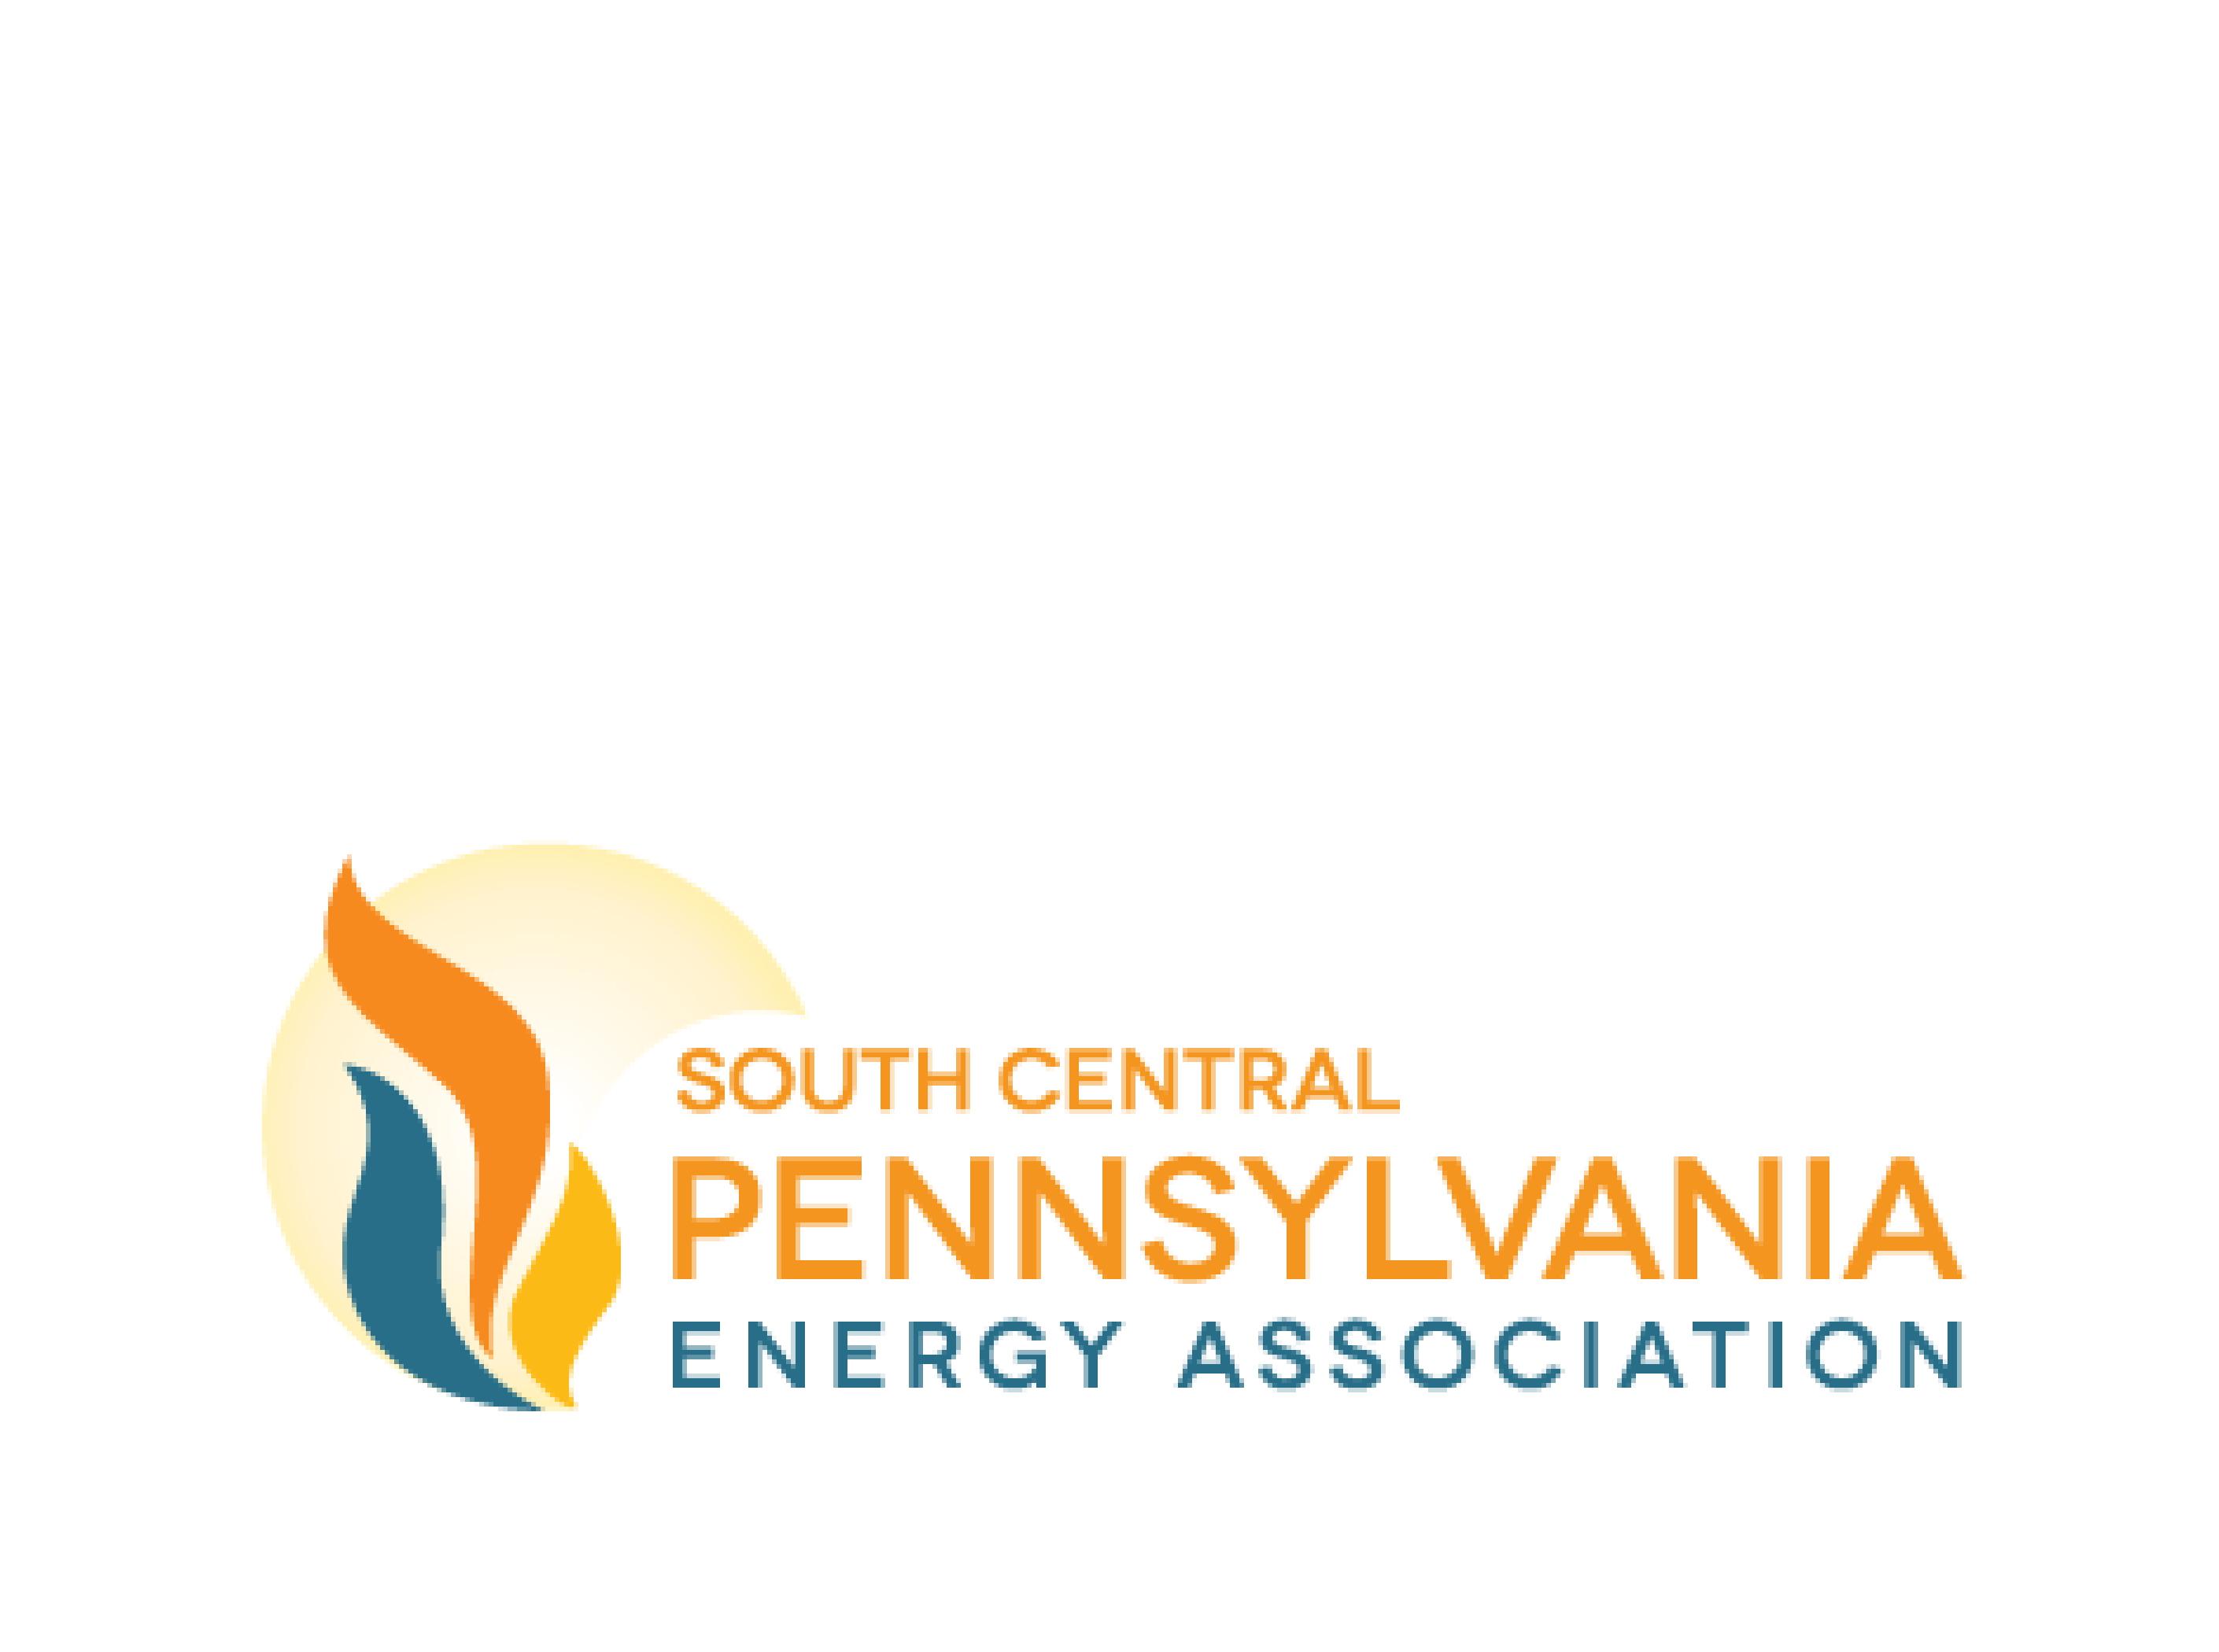 SCPEA-logo-website